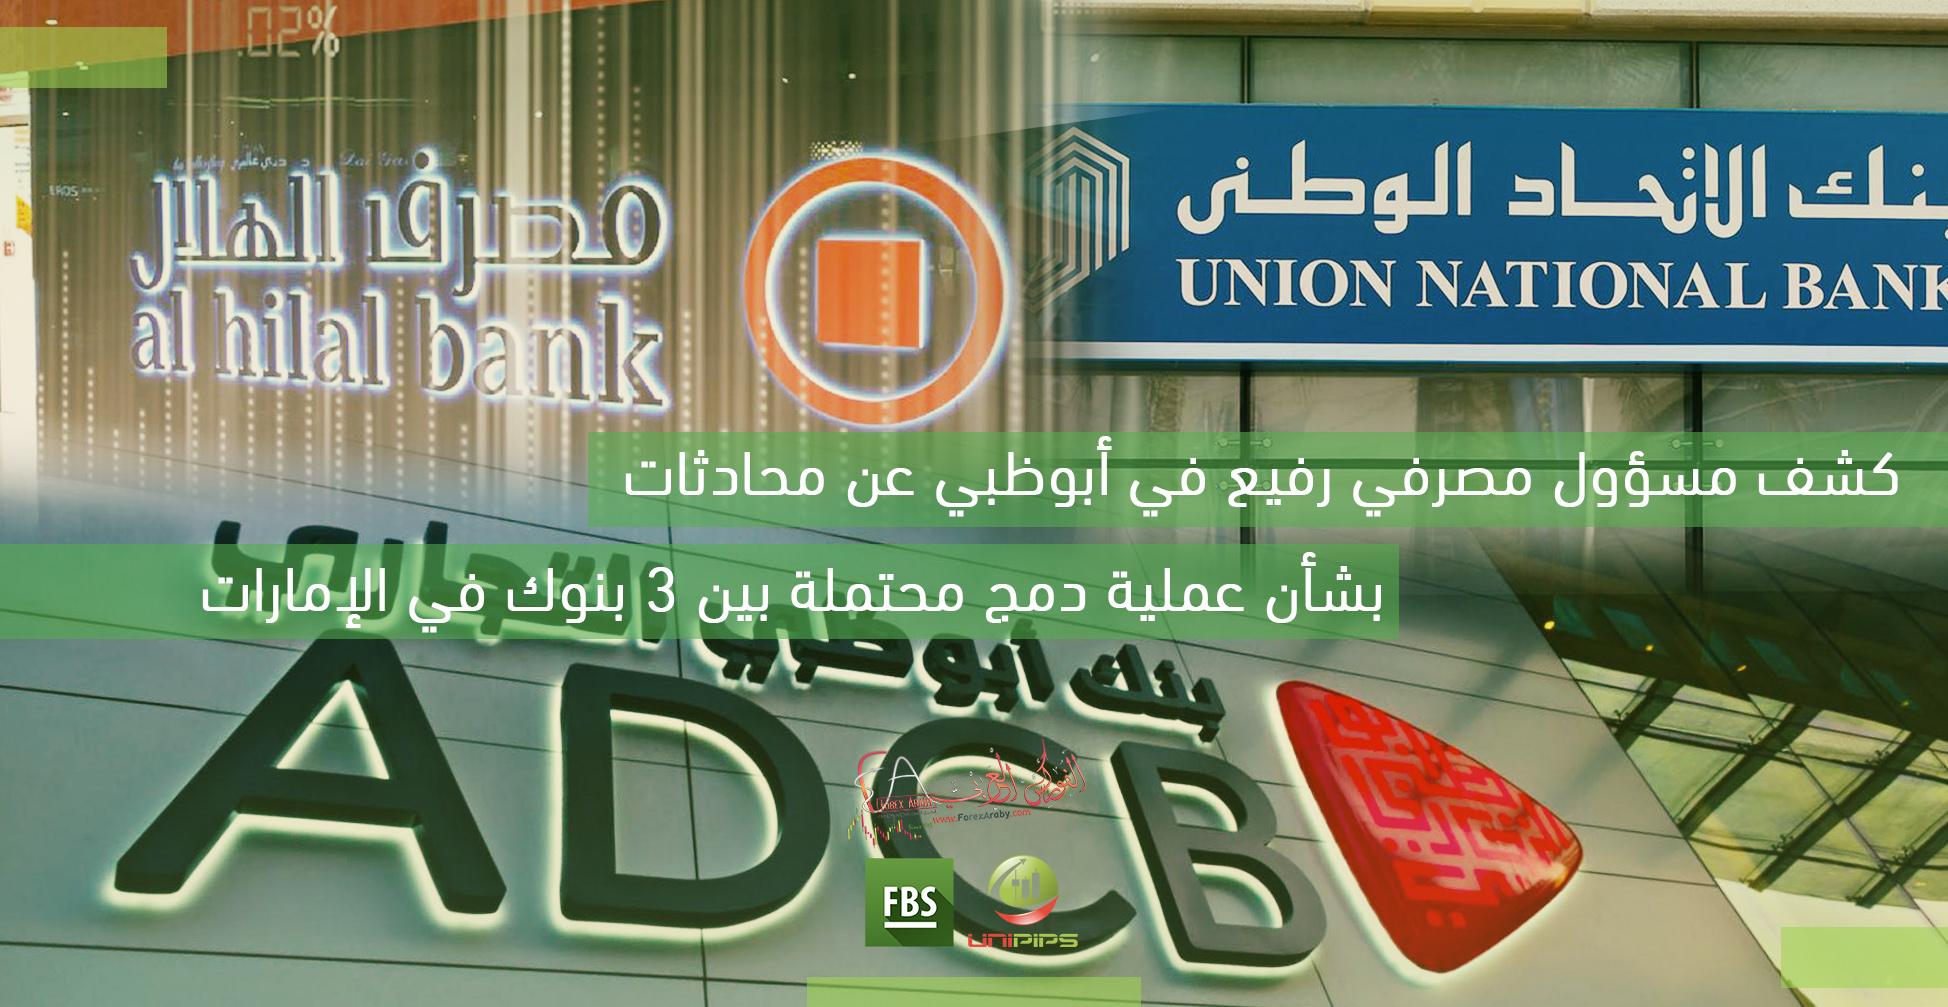 عملية دمج محتملة بين 3 بنوك في الامارات